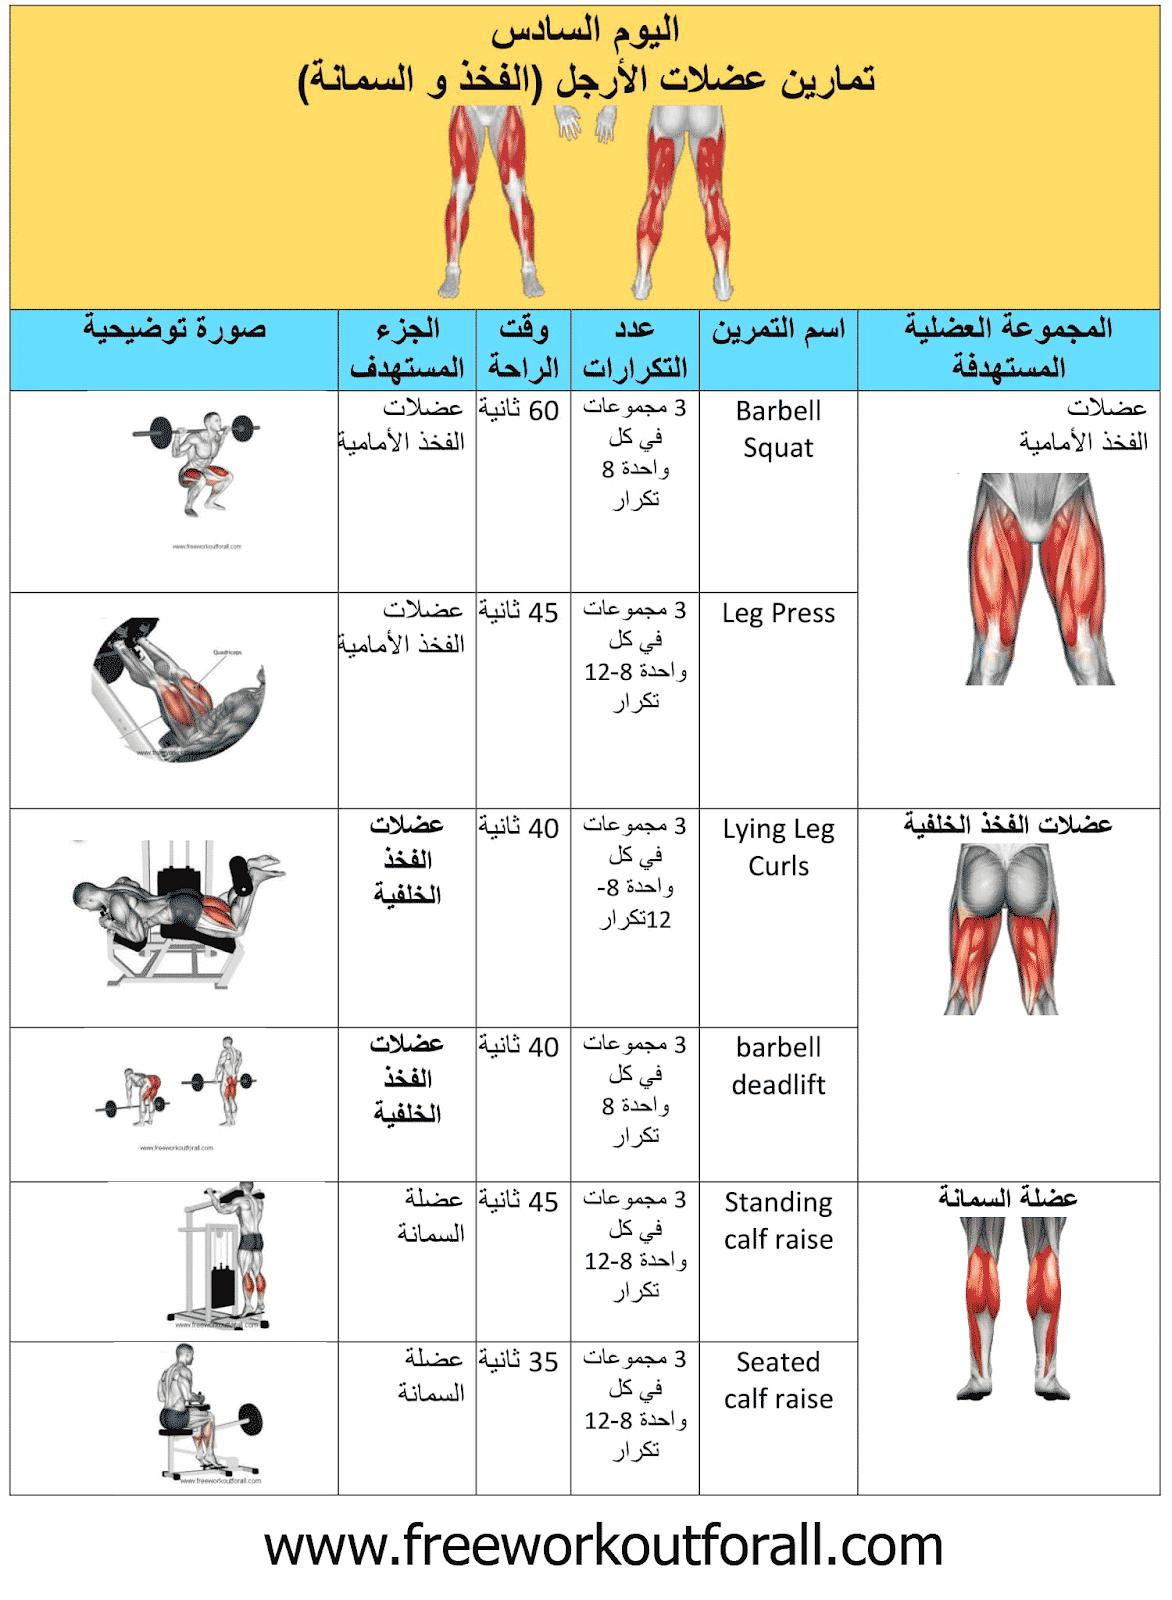 جدول تمارين كمال الاجسام 5 ايام و نظام Workout Routine For Men Workout Schedule Gym Schedule